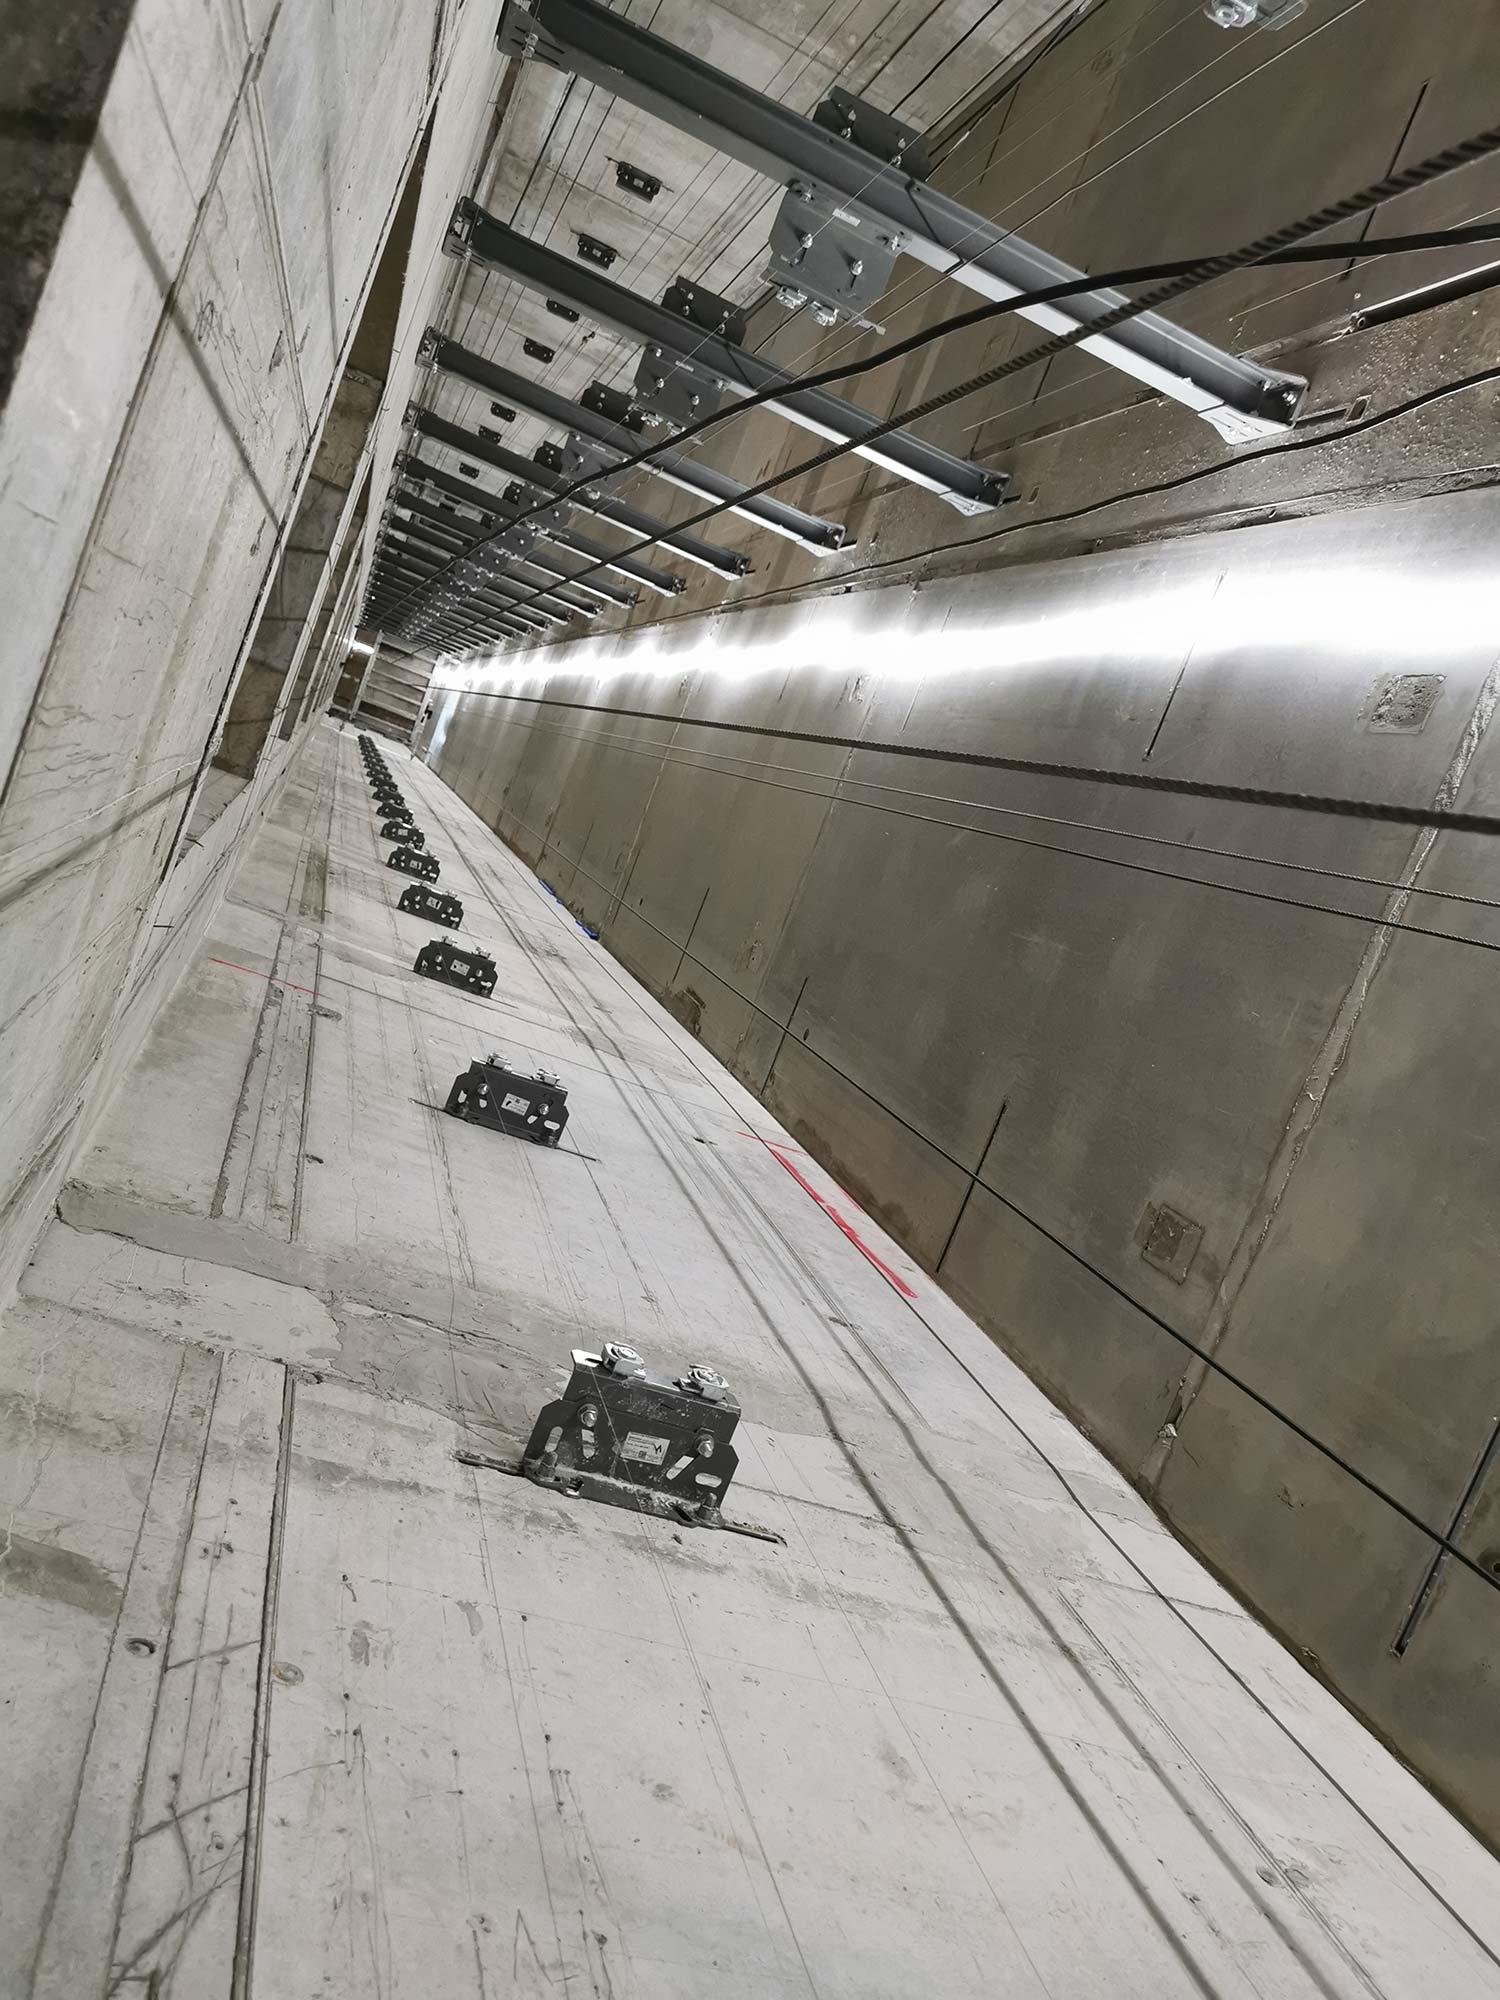 Aufzugsschacht im Hochhaus - Schacht für Aufzüge - Rohbau - hier werden ThyssenKrupp Aufzüge installiert